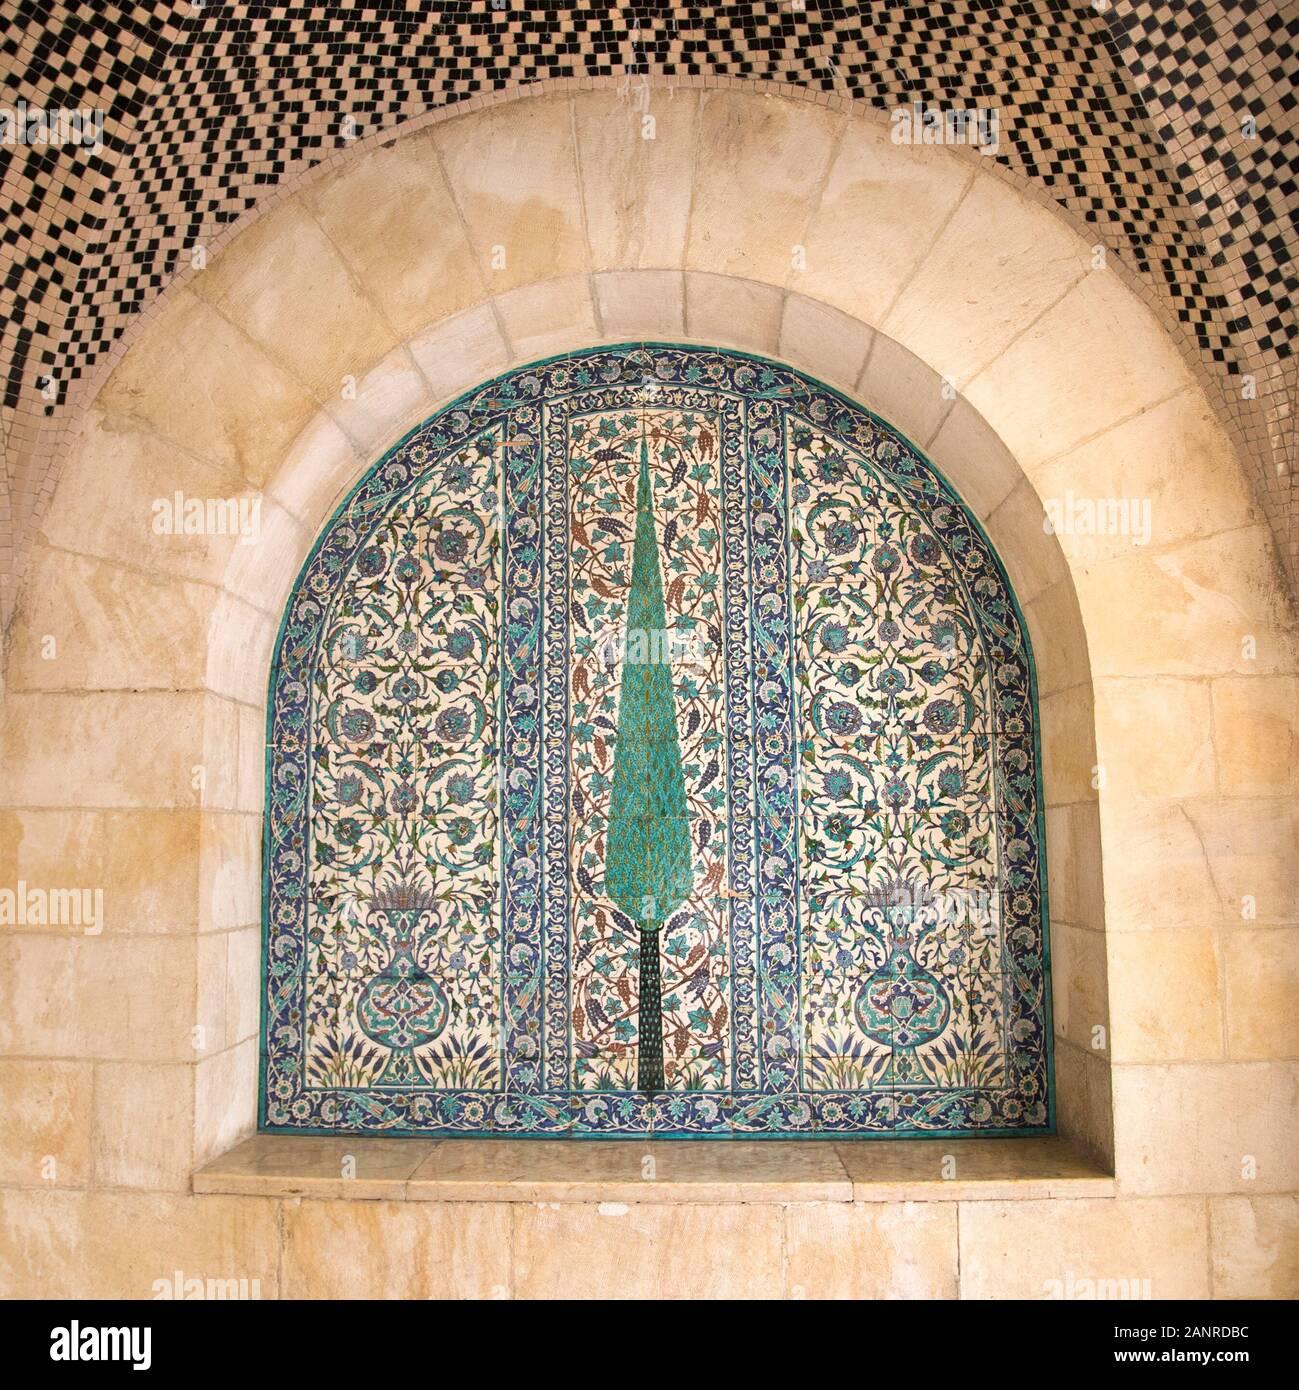 Armenische Keramik Zimmer im Jerusalem Haus der Qualität erstellt über 1925 von David Ohannessian. Fliesen- Panel mit Cypress Tree Mosaik Design. Stockfoto